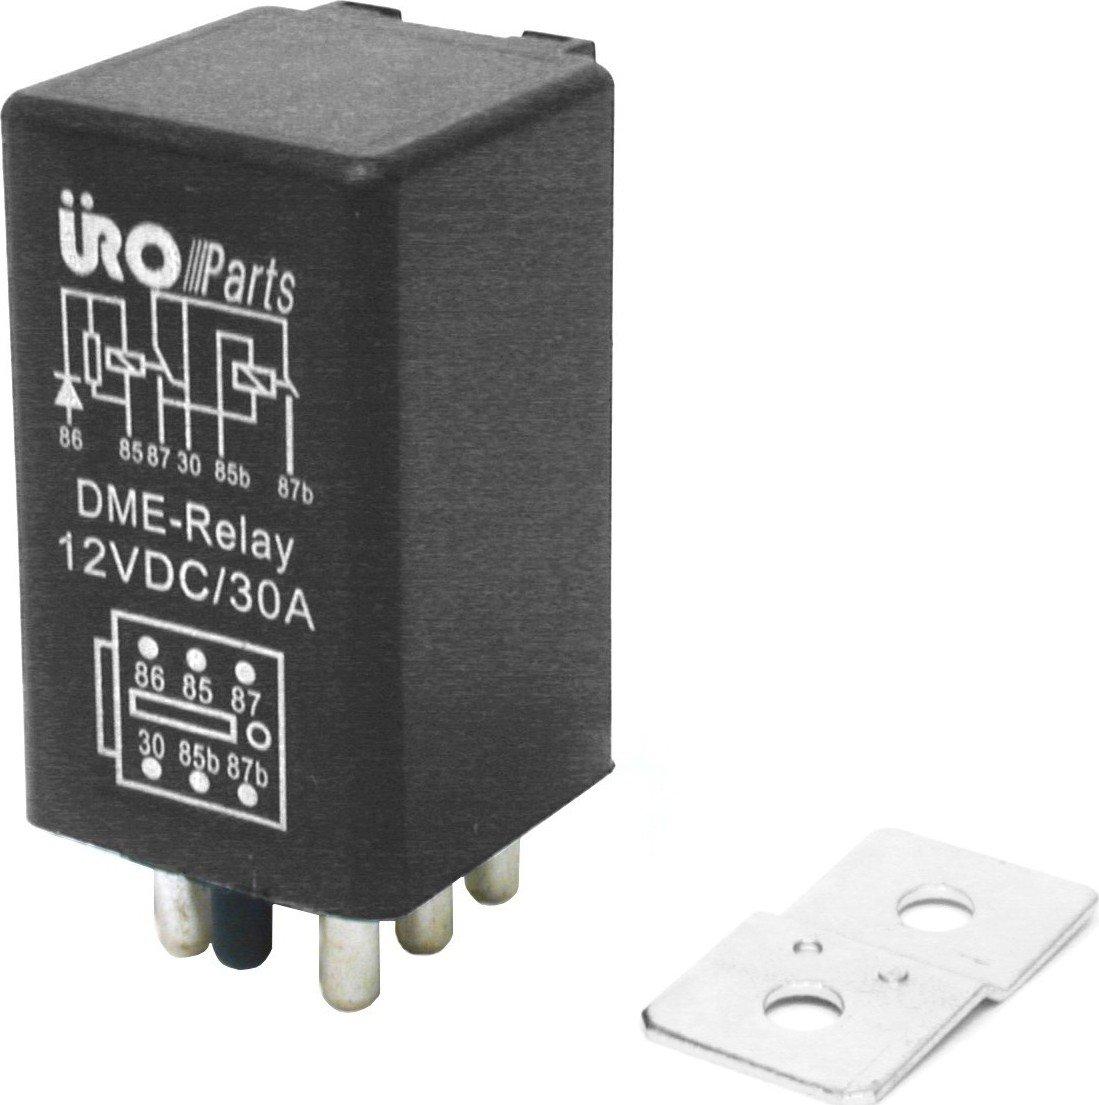 URO Parts 911 618 154 01 DME/Fuel Pump Relay 91161815401